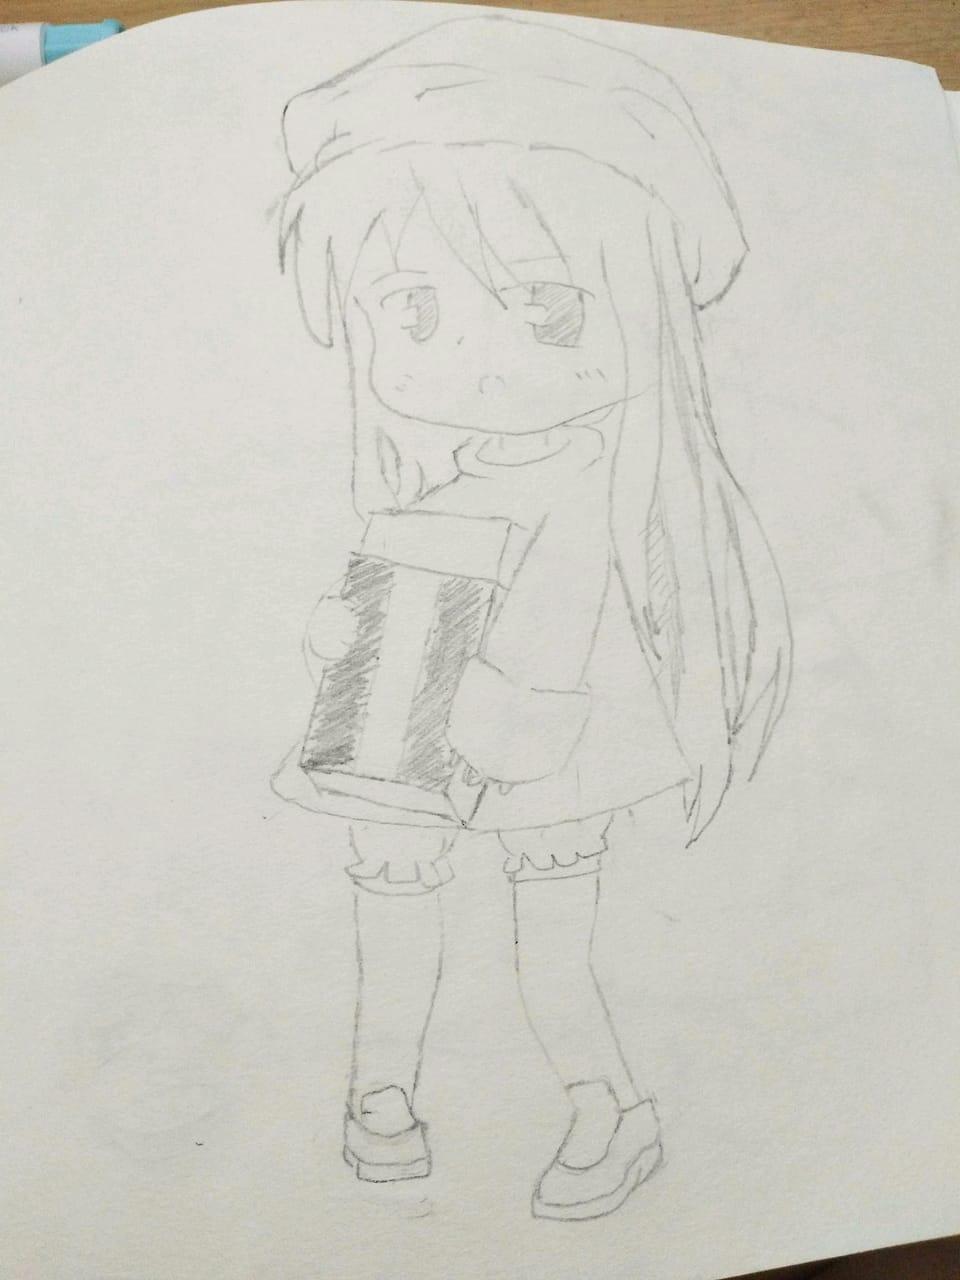 抱着橡皮的女孩 Illust of ꕥ᭄不亏不欠丫ꦿঞ AnalogDrawing girl ꕥ᭄不亏不欠丫ꦿঞ anime